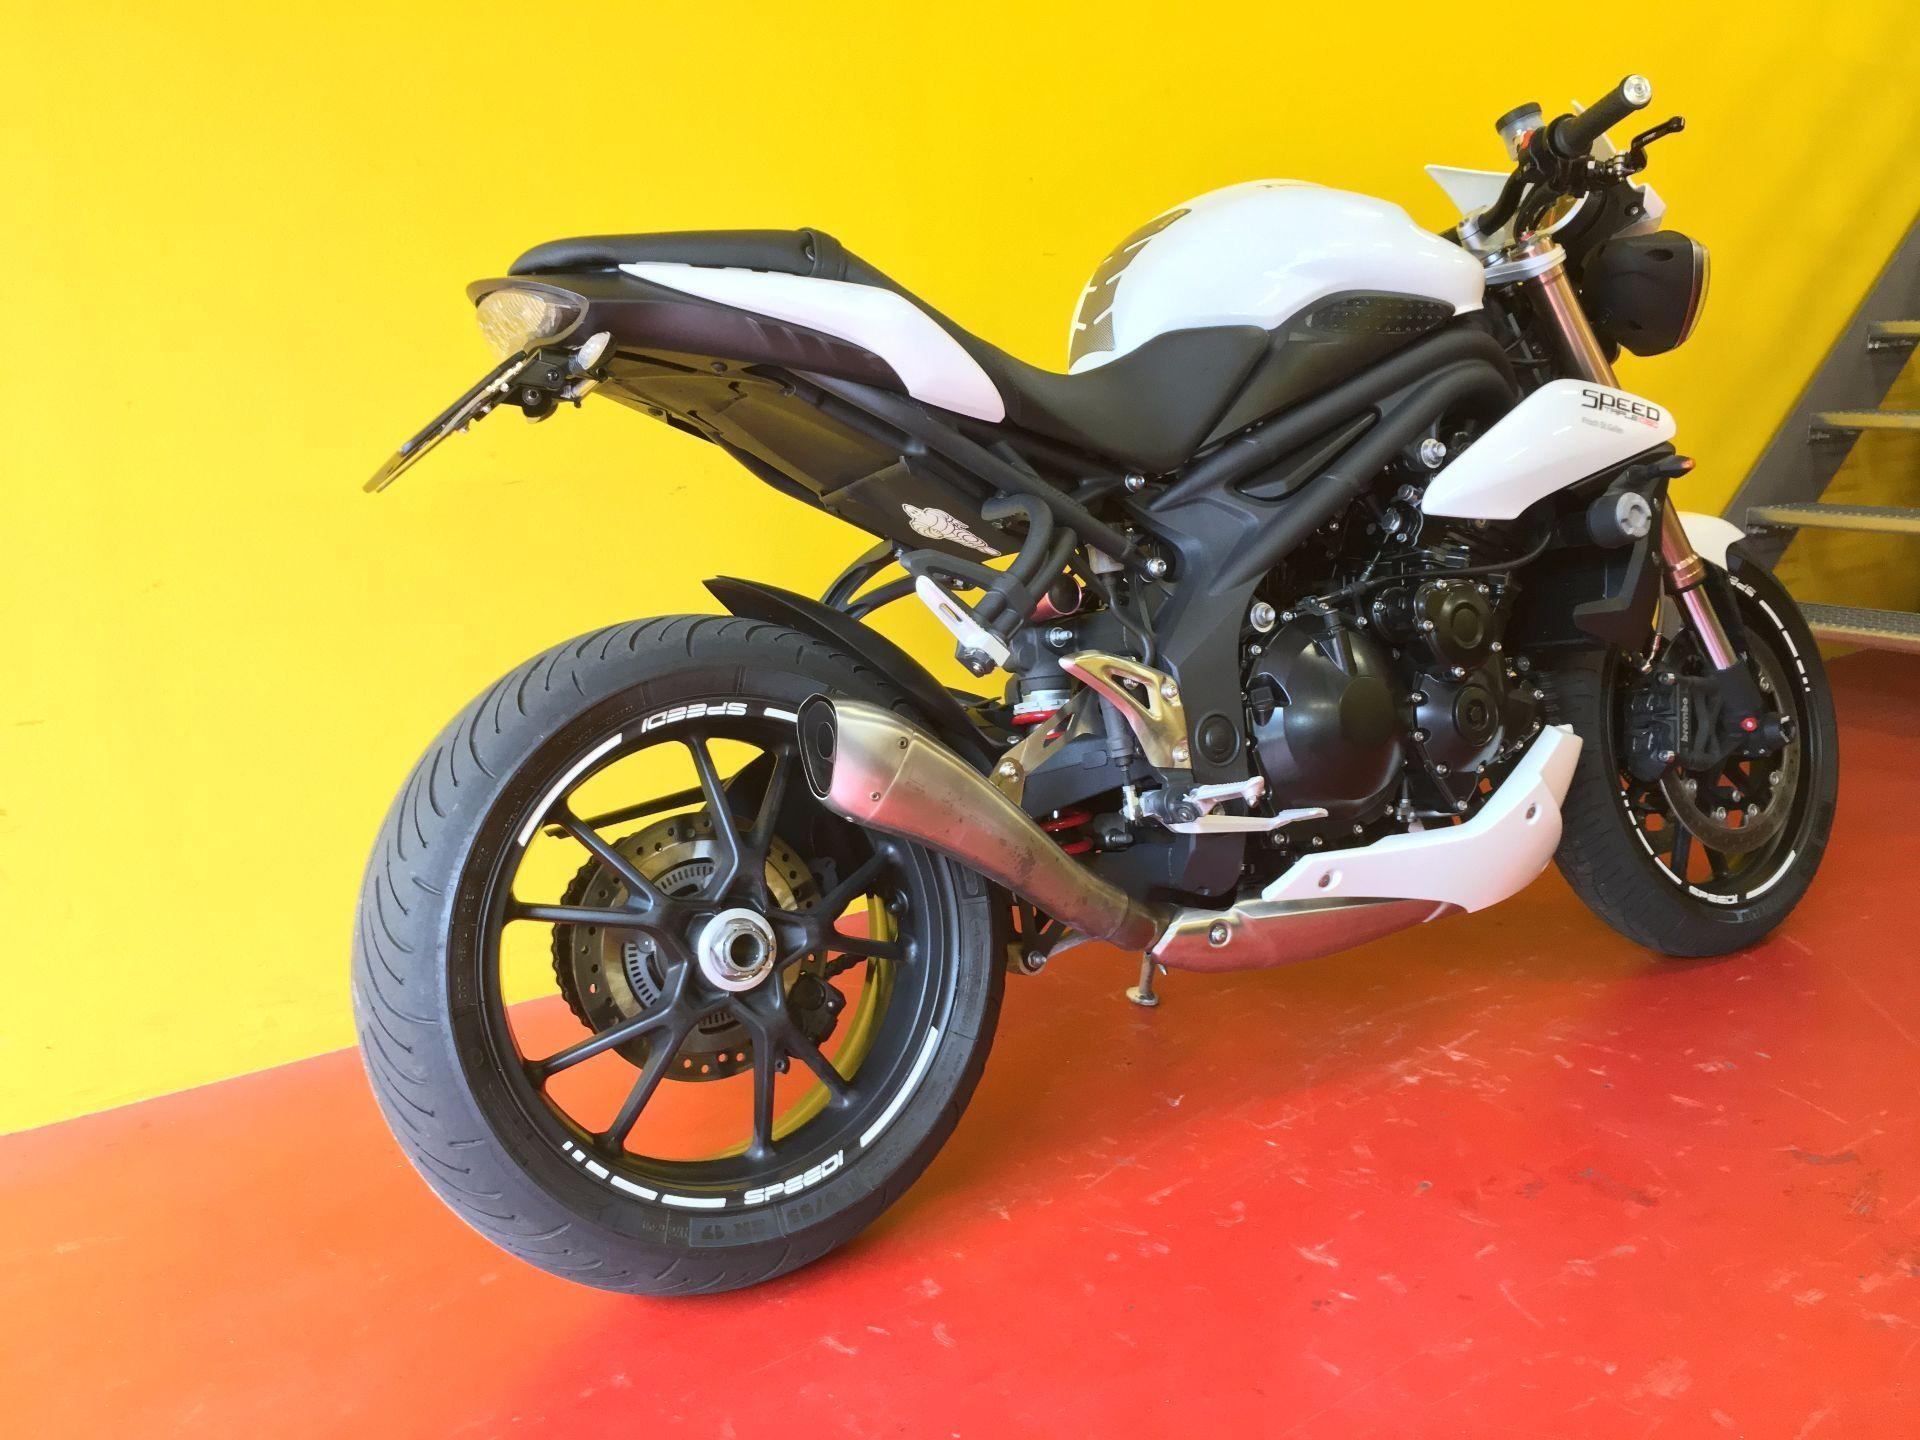 motorrad occasion kaufen triumph speed triple 1050 abs centro moto ticino camorino camorino. Black Bedroom Furniture Sets. Home Design Ideas